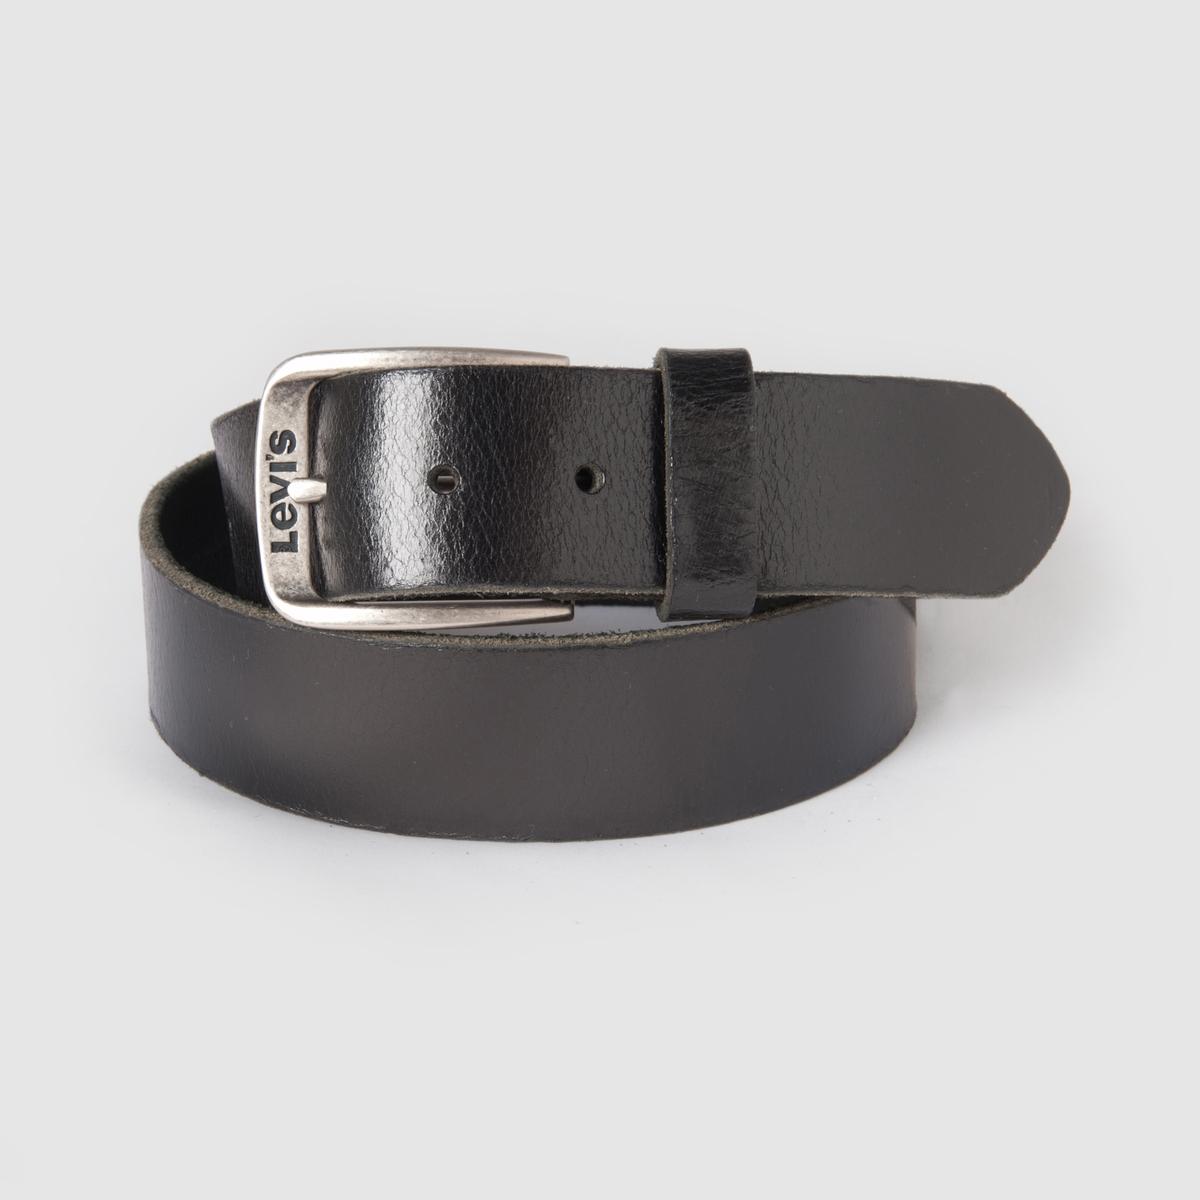 Image of Alturas Leather Belt